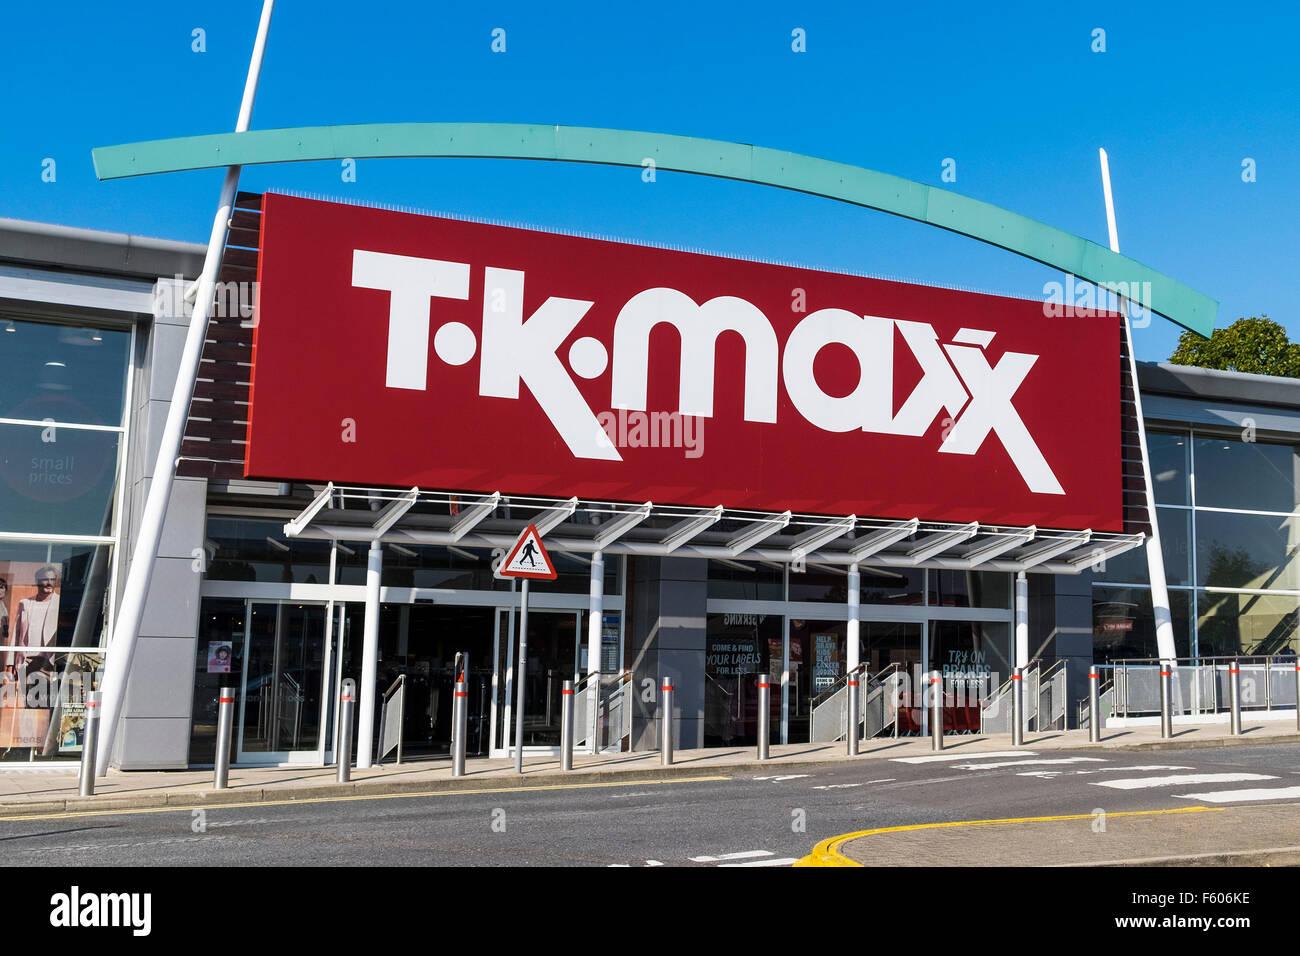 Un TK MAXX store sulla collina Pipps Retail Park a Basildon, Essex. Immagini Stock